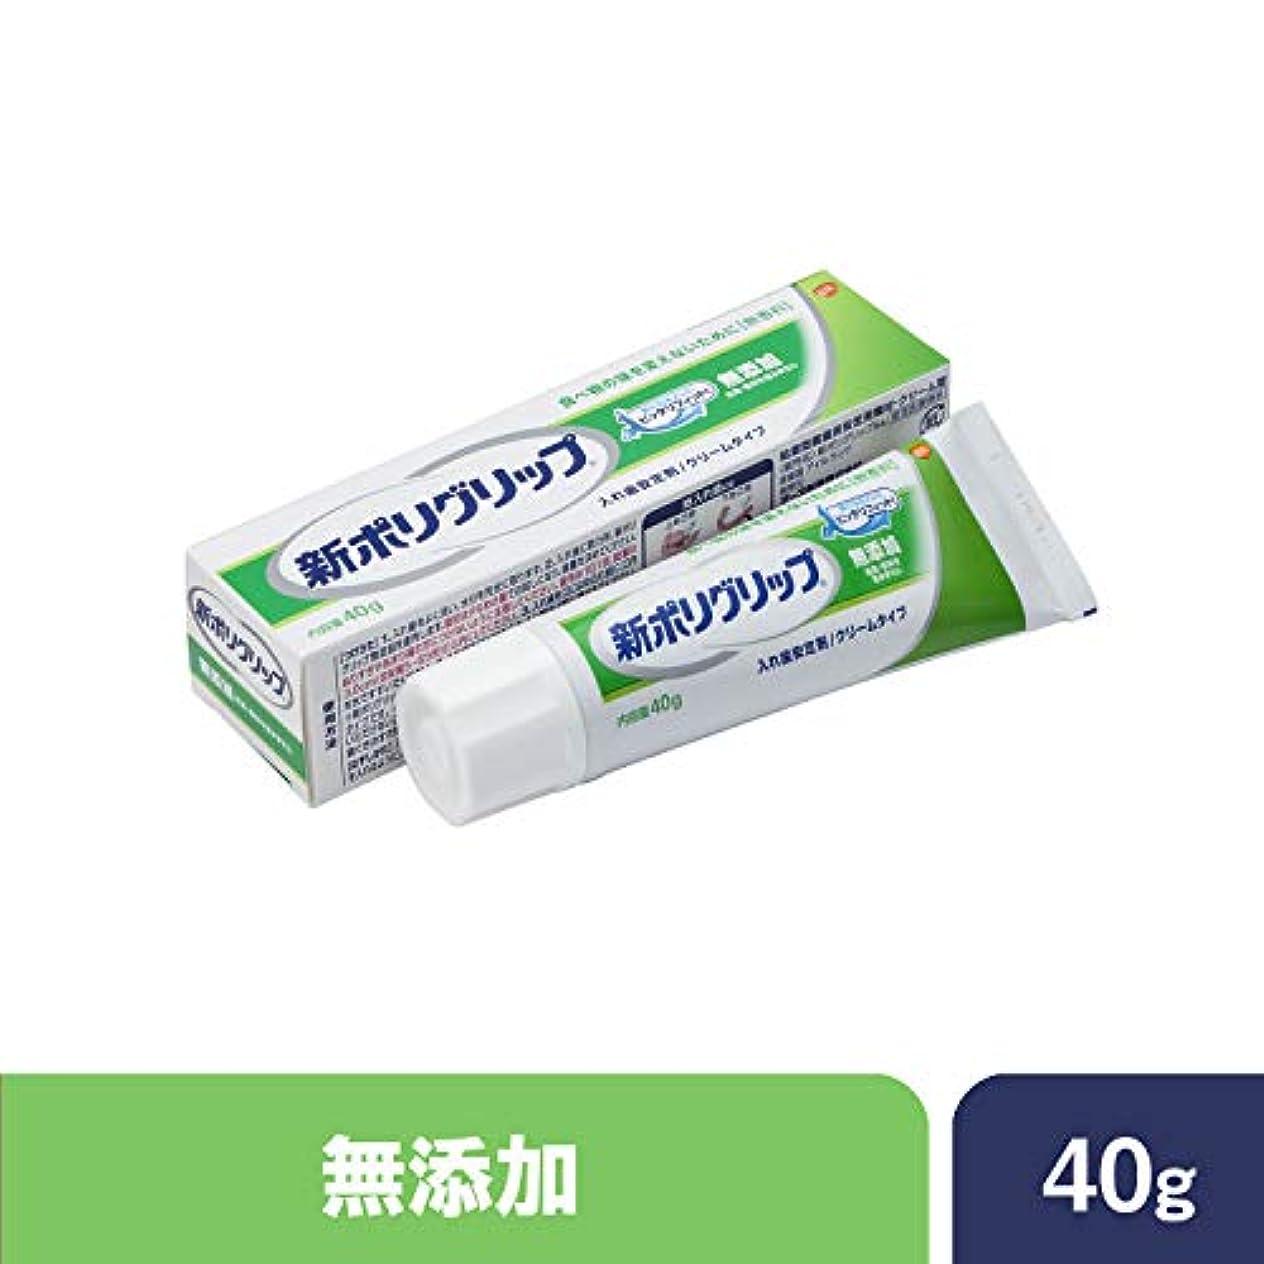 免疫する定説駐地部分?総入れ歯安定剤 新ポリグリップ 無添加(色素?香料を含みません) 40g